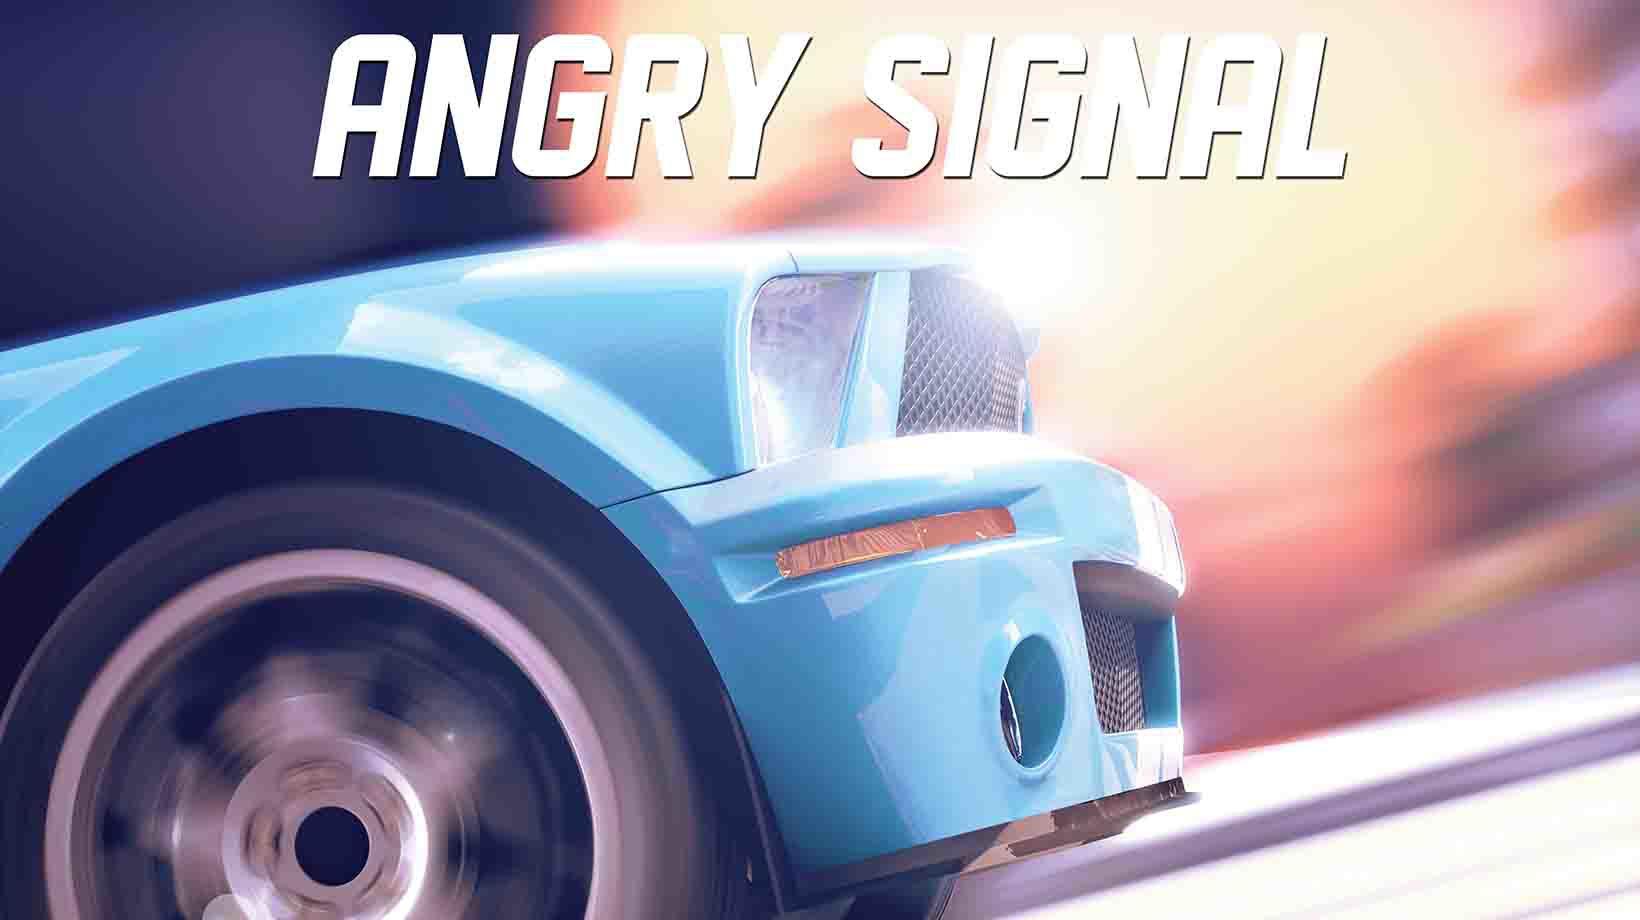 Angry signal